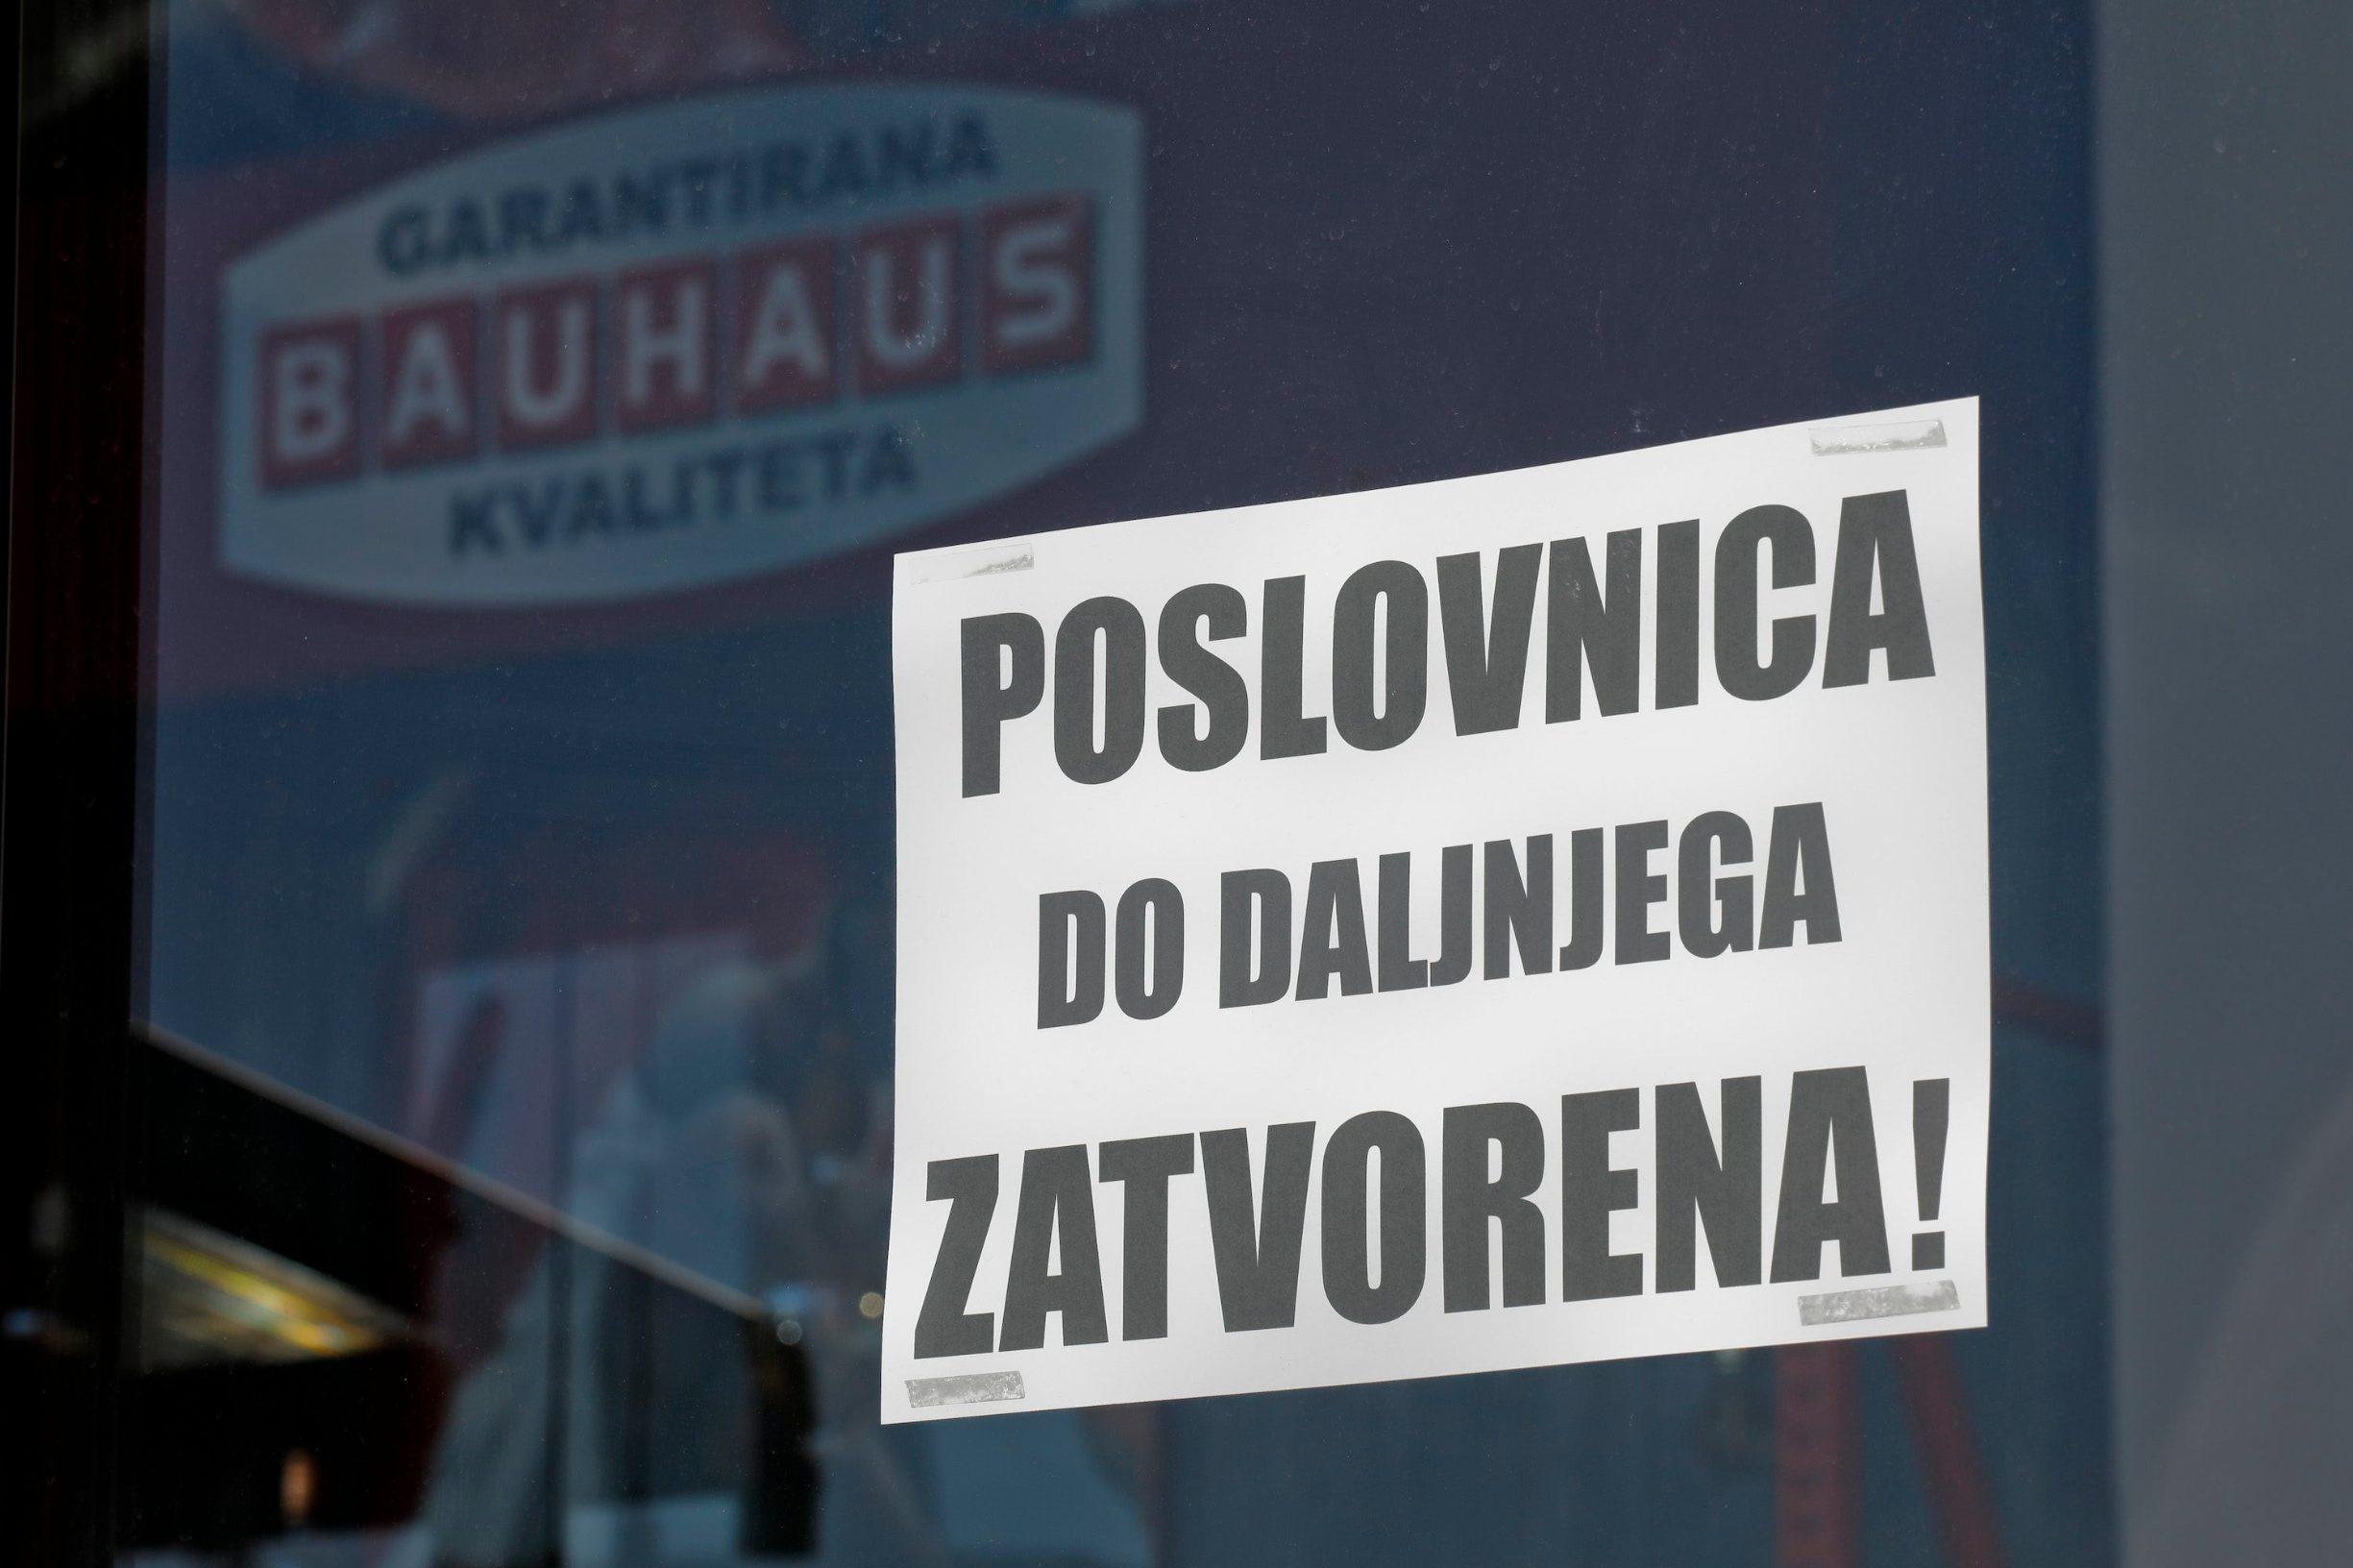 Poslovnica Bauhausa u Jankomiru do dajjnjega je zatvorena zbog koronavirusa